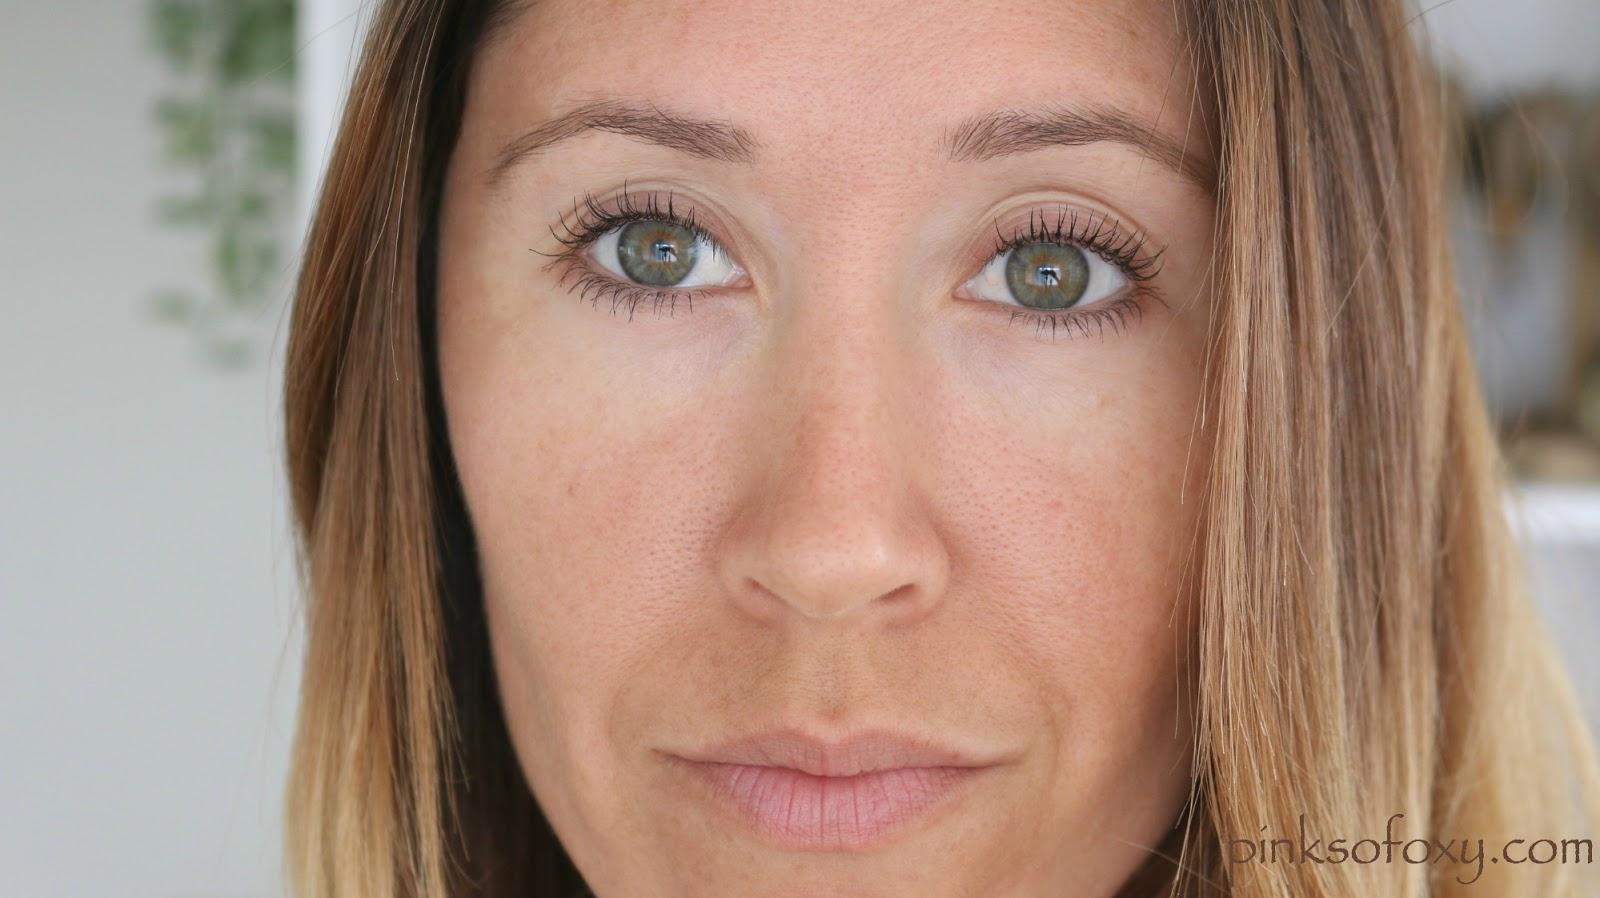 pacifica dreamlit under eye brightener (dreamlight) MyChelle Dermaceuticals MyChelle  Day Cream, 1.2 oz